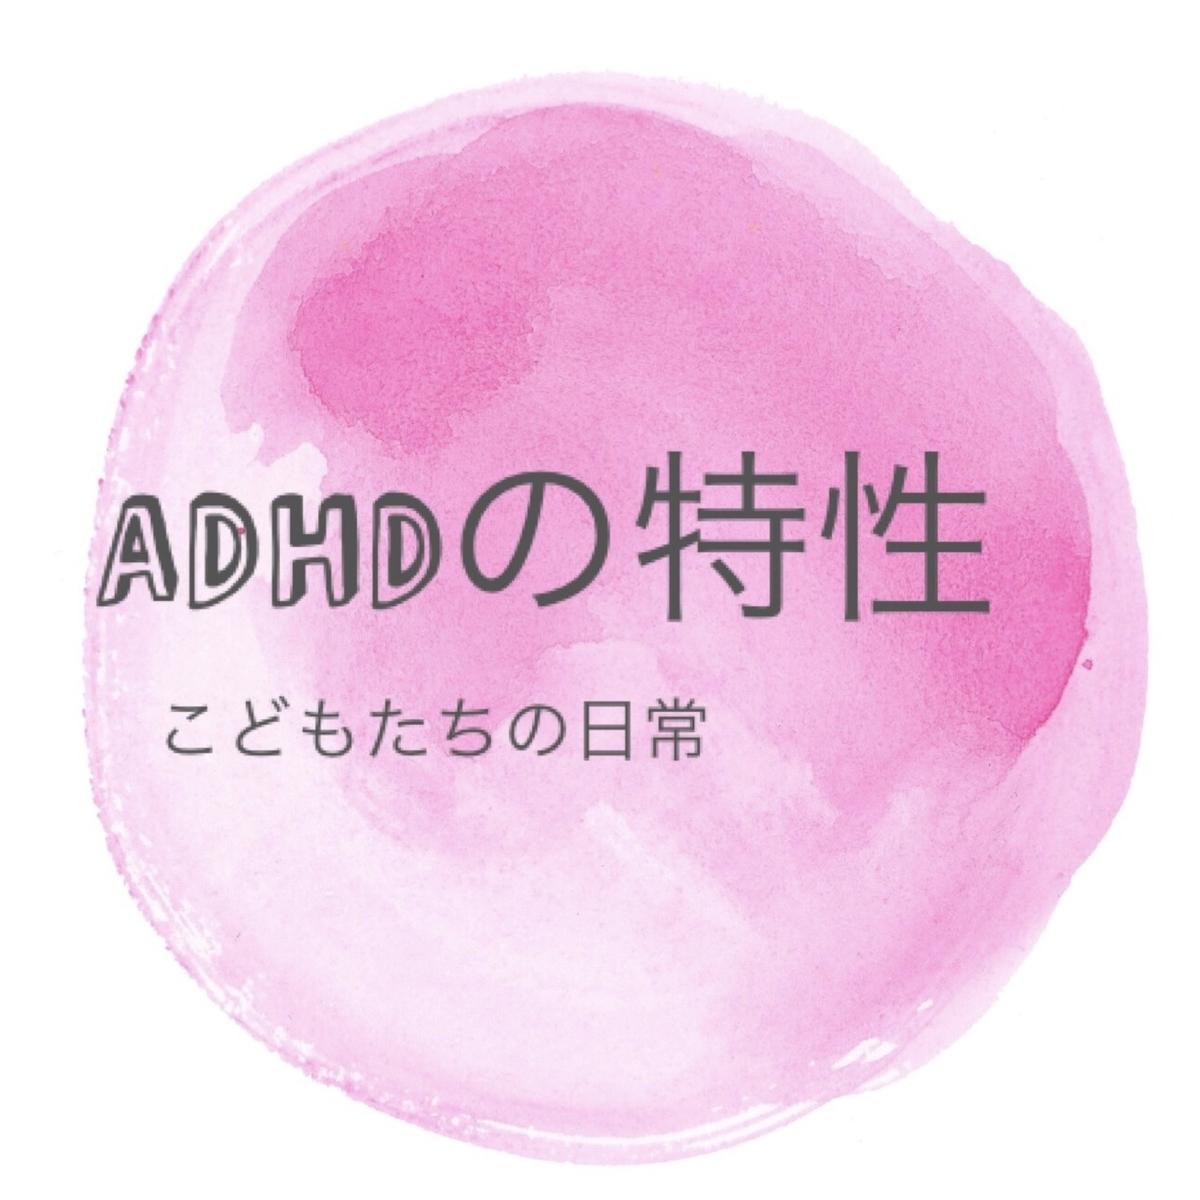 ADHDの特性 子供達の日常